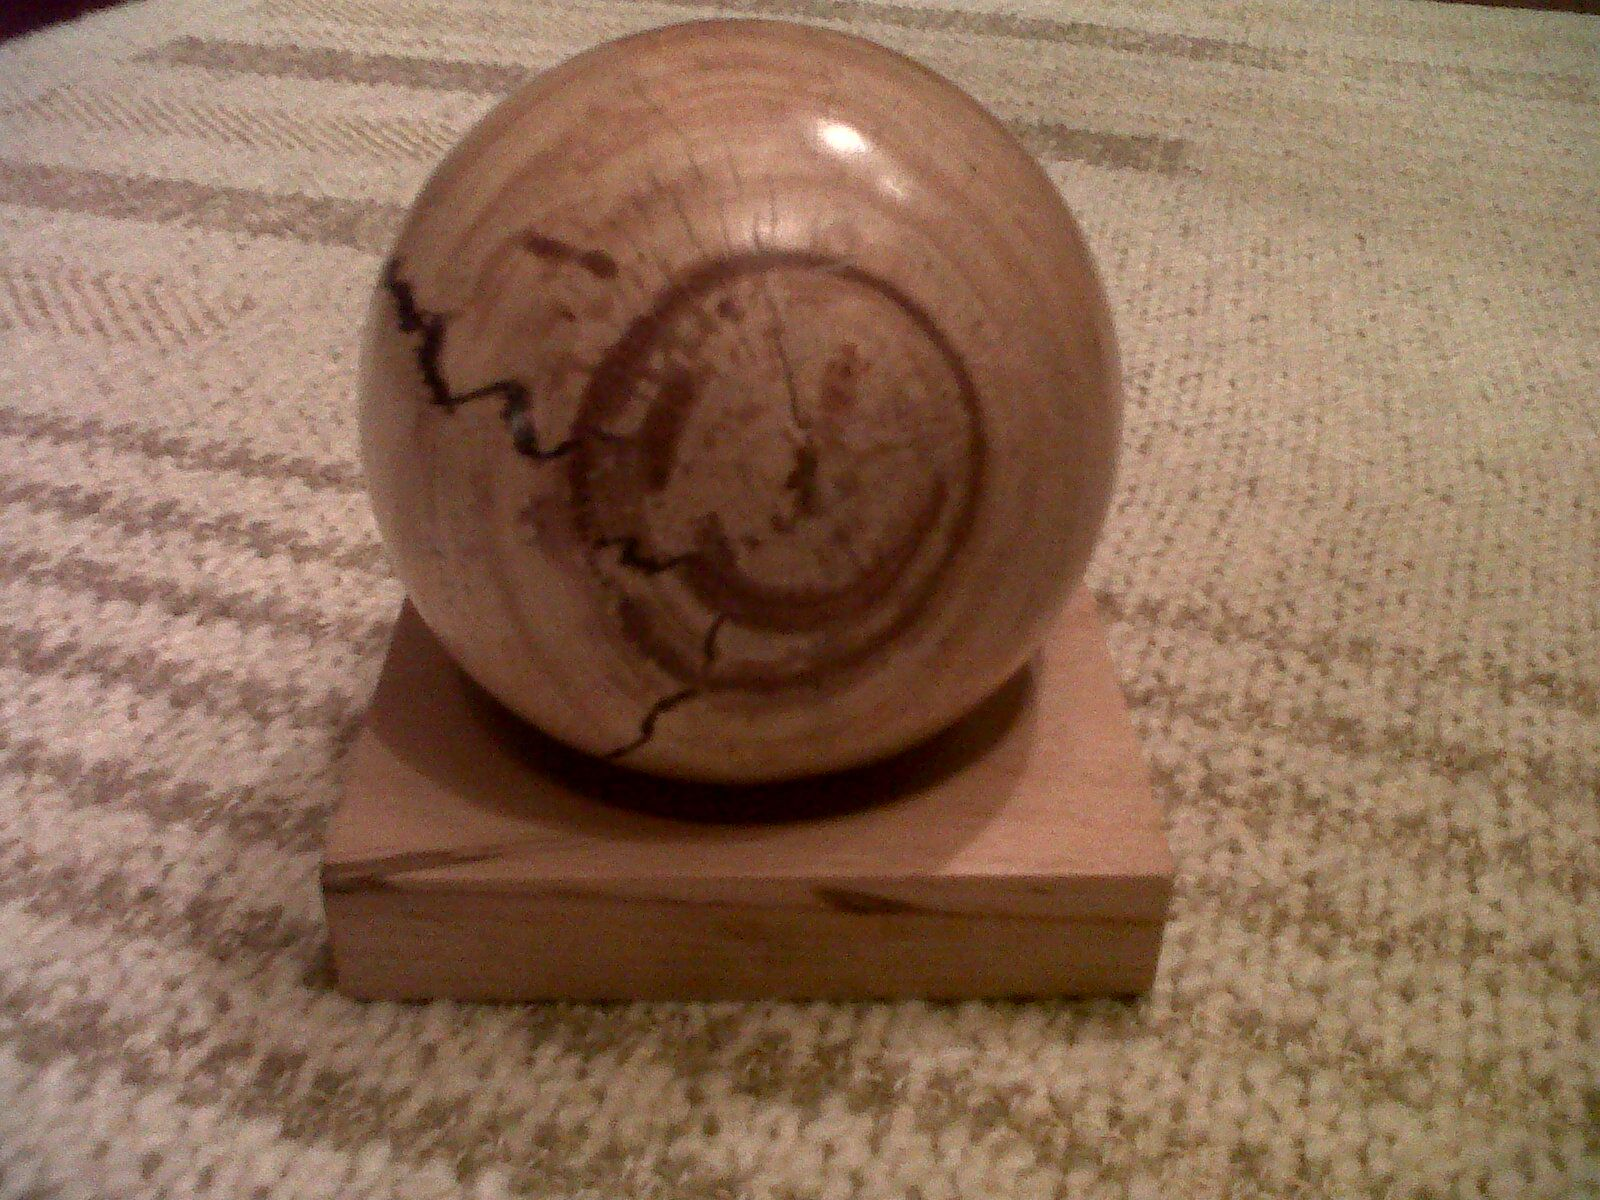 Bal met smiley, beuken, 10 cm, afgewerkt met Shellawax